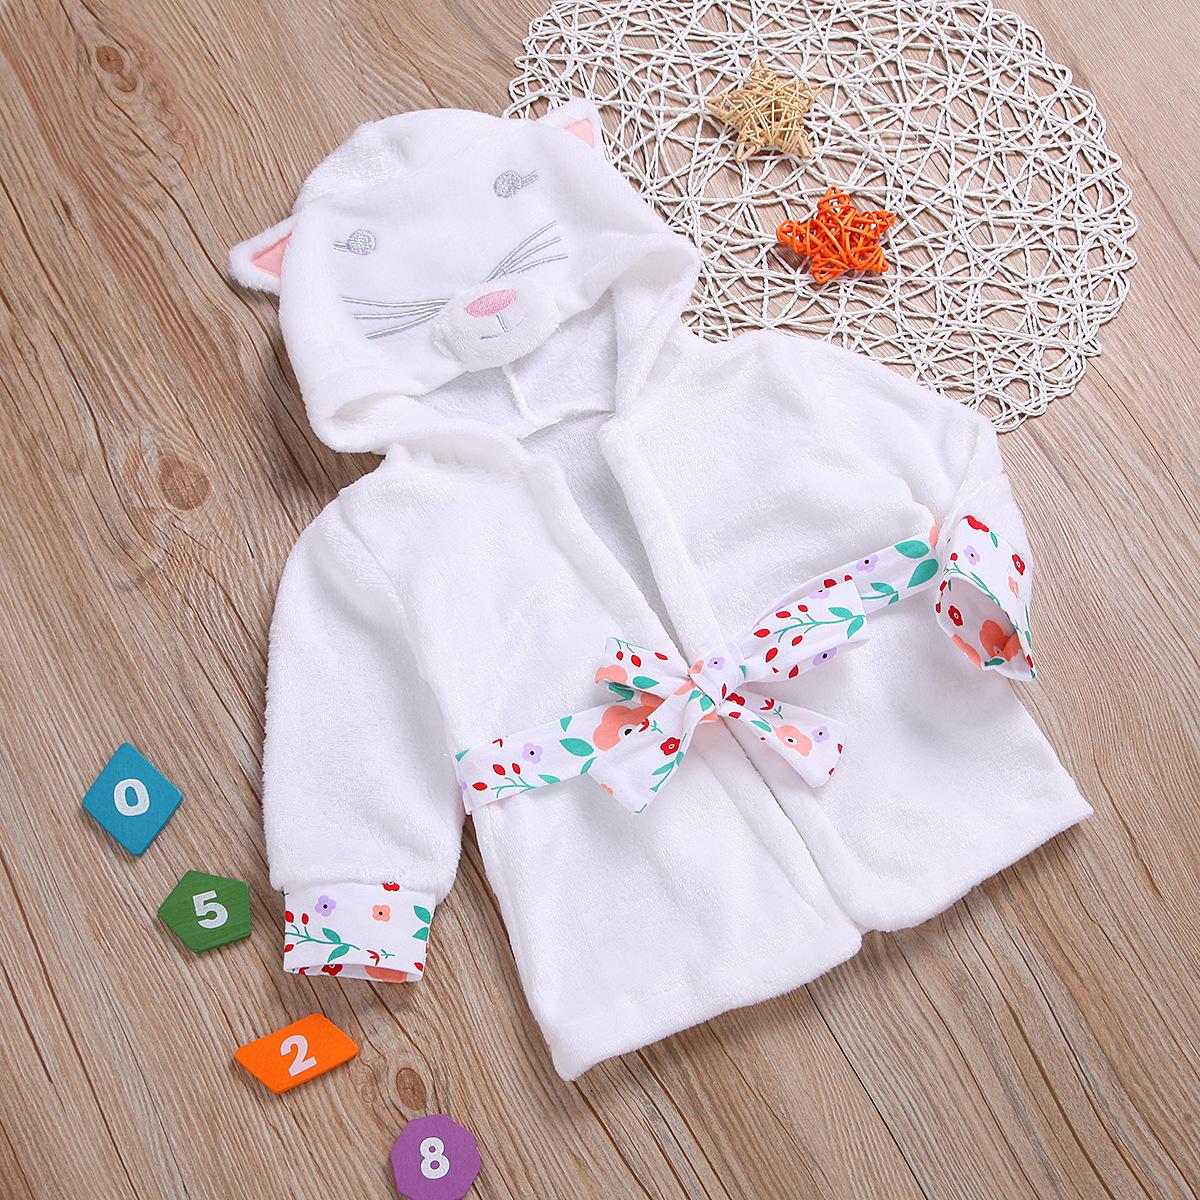 Đồ ngủ trẻ em Quần áo trẻ sơ sinh màu rắn dễ thương trùm đầu dài tay áo nhà máy trực tiếp quần áo tr